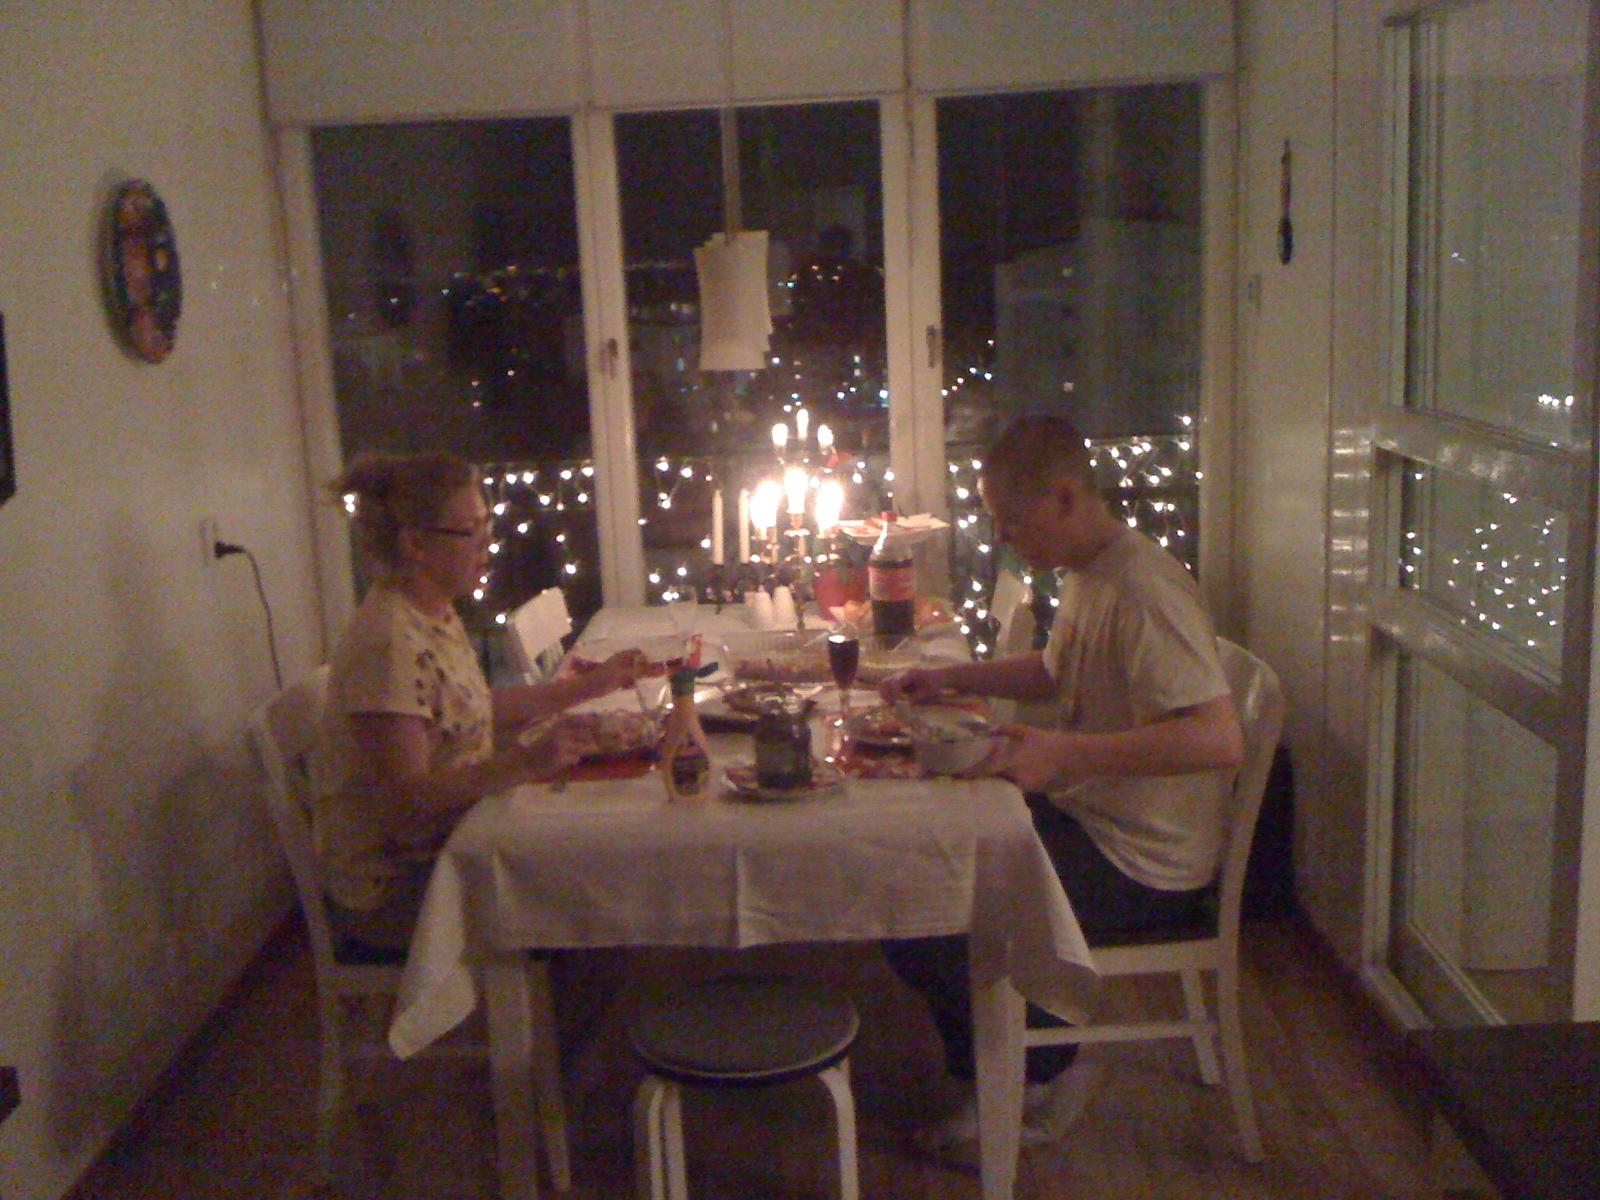 middag första gången eskort umgänge